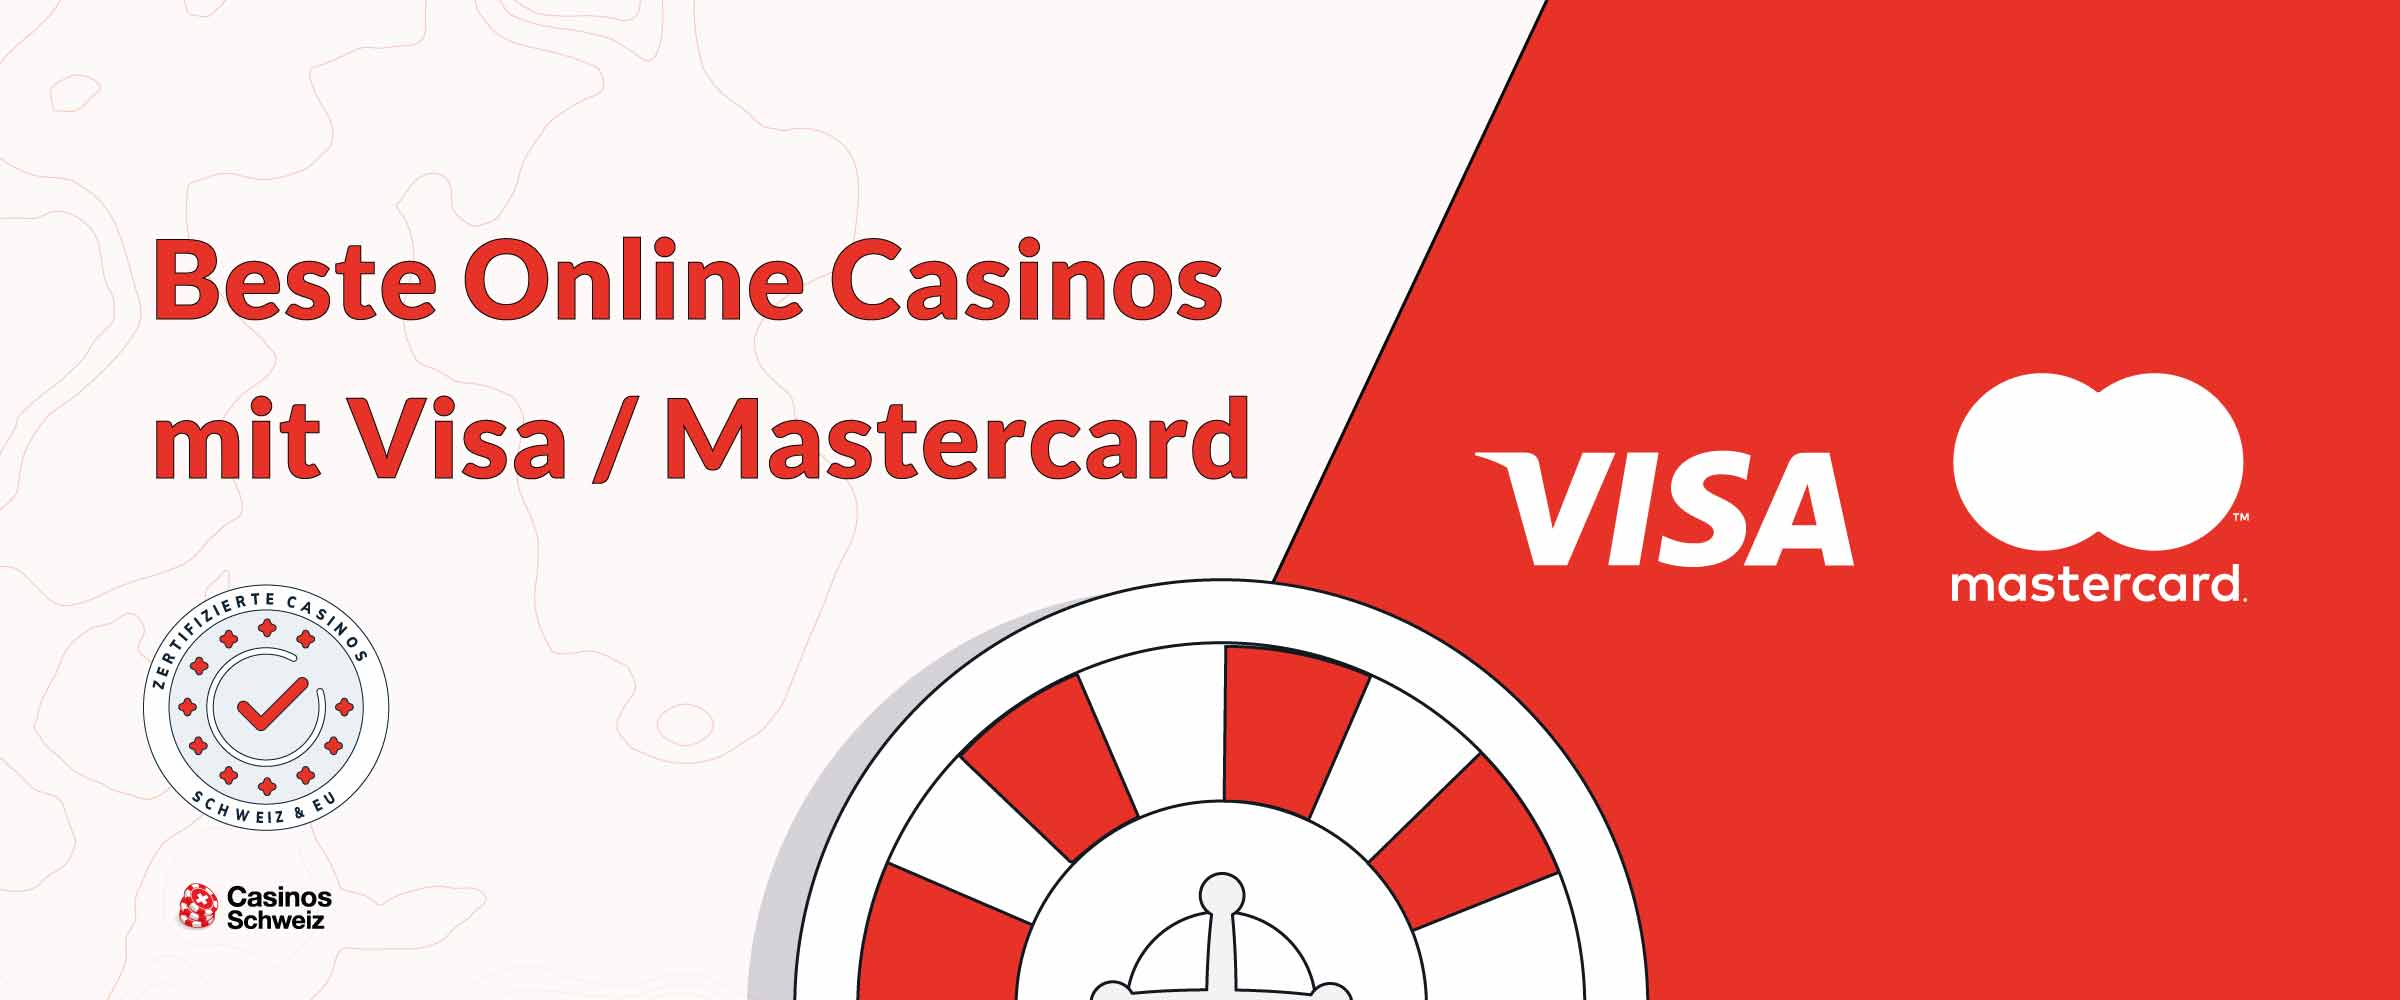 Beste Online-Casinos Schweit mit VISA Mastercard